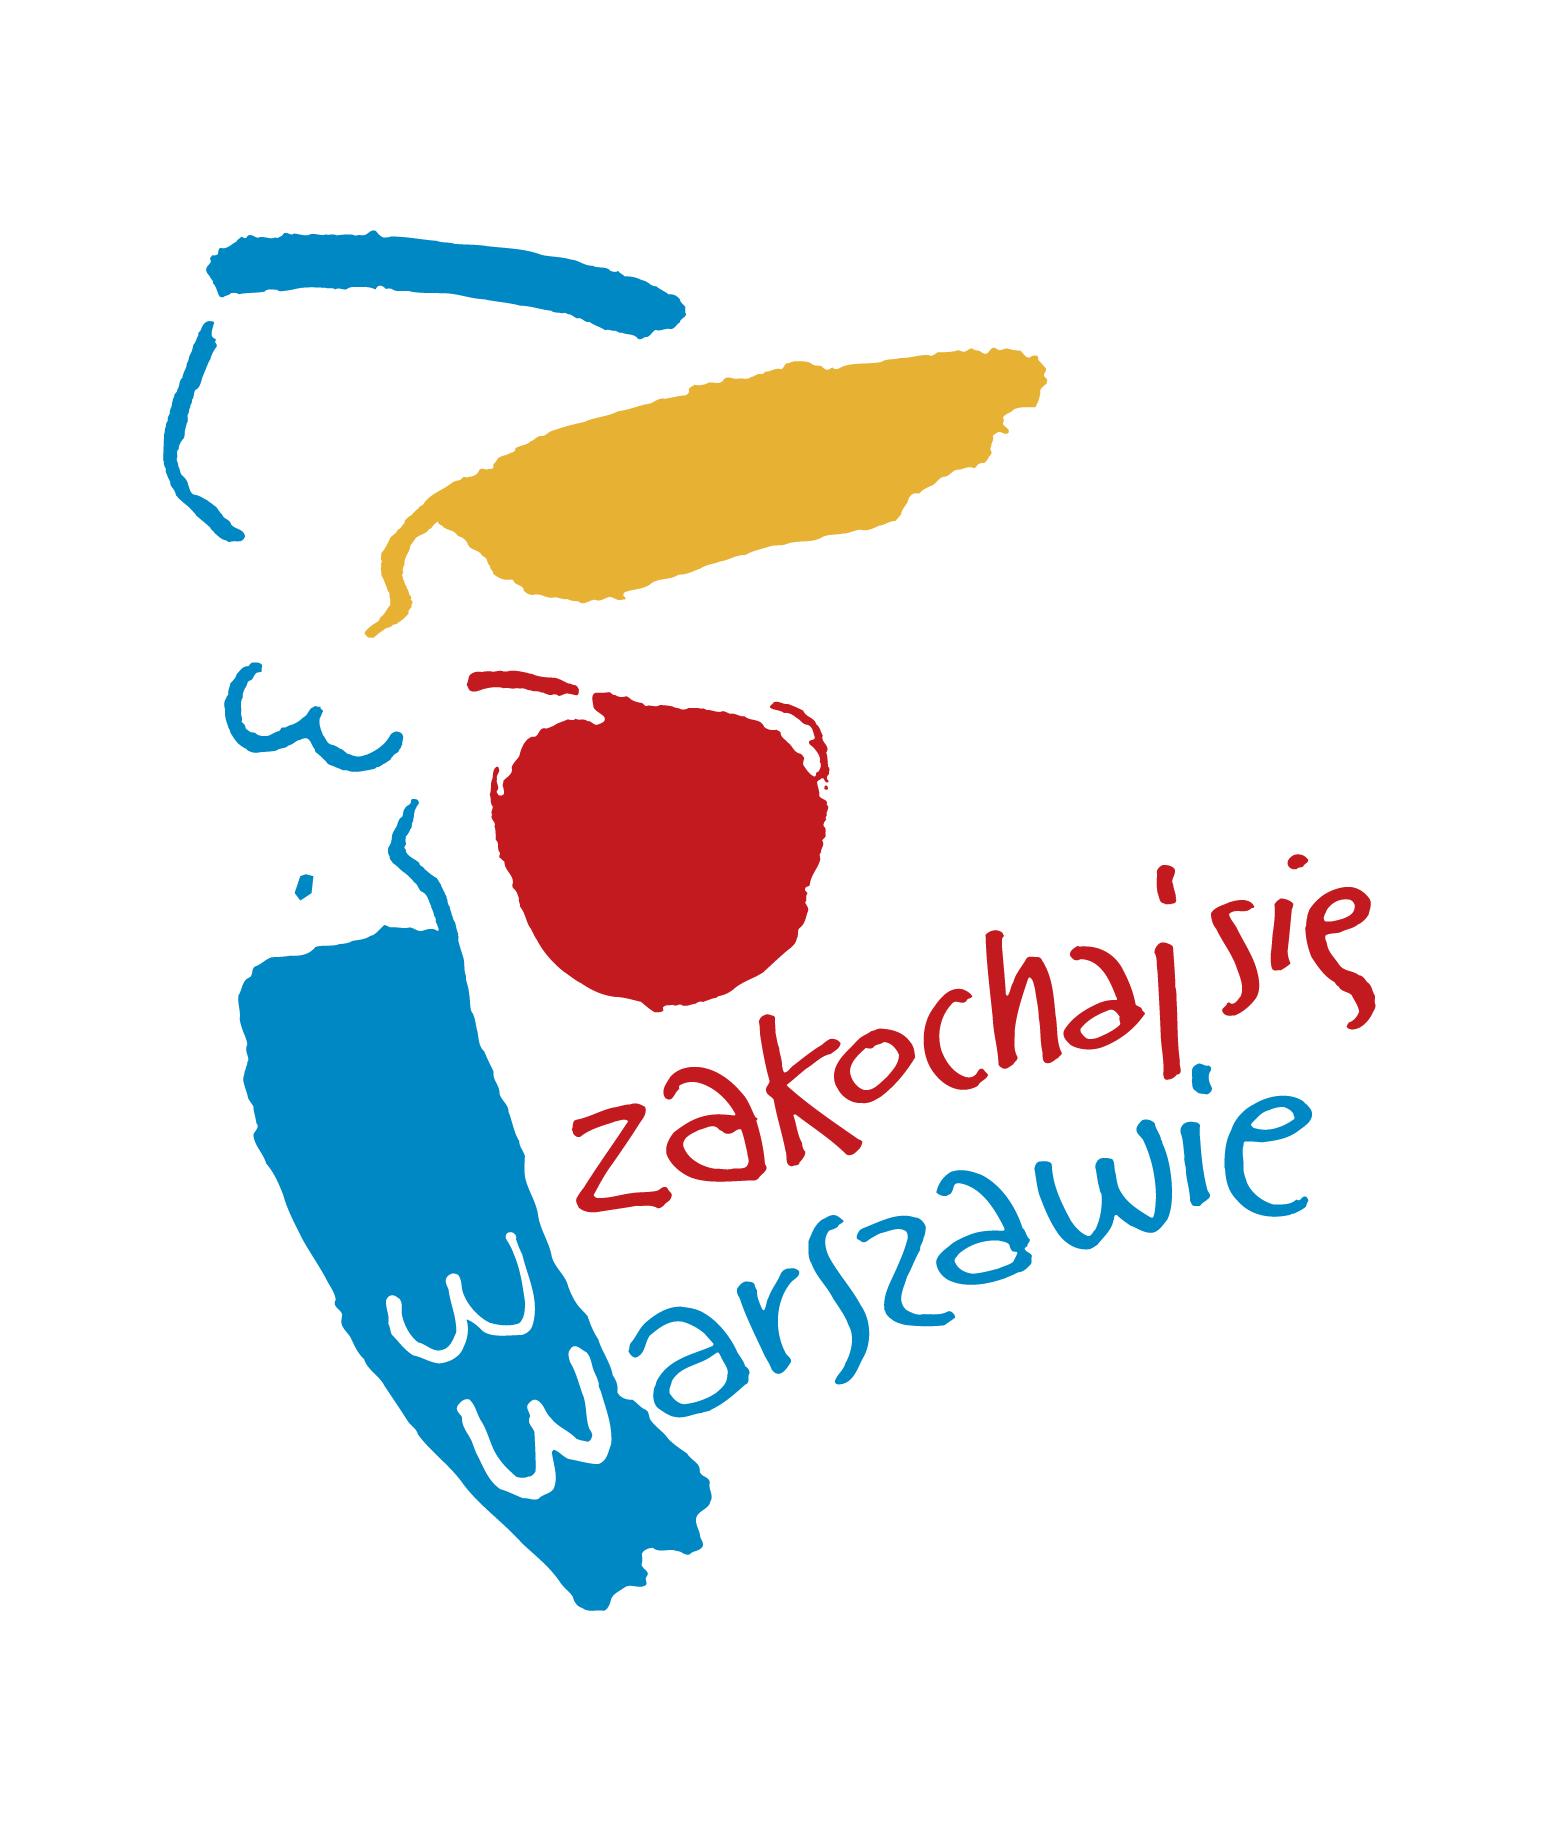 Urząd m.st. Warszawy